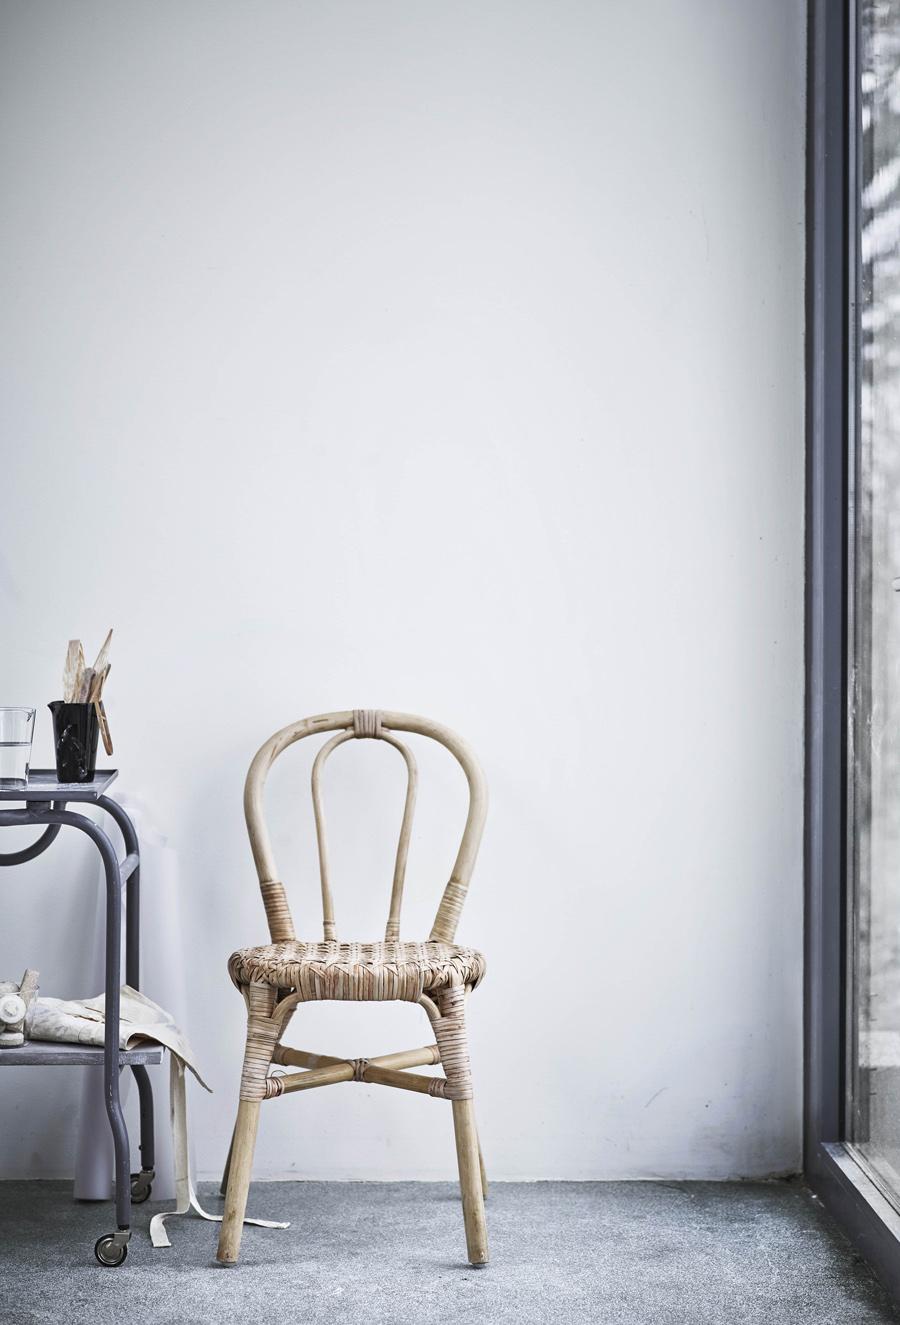 IKEA-VIKTIGT-furniture-aprilandmay-5